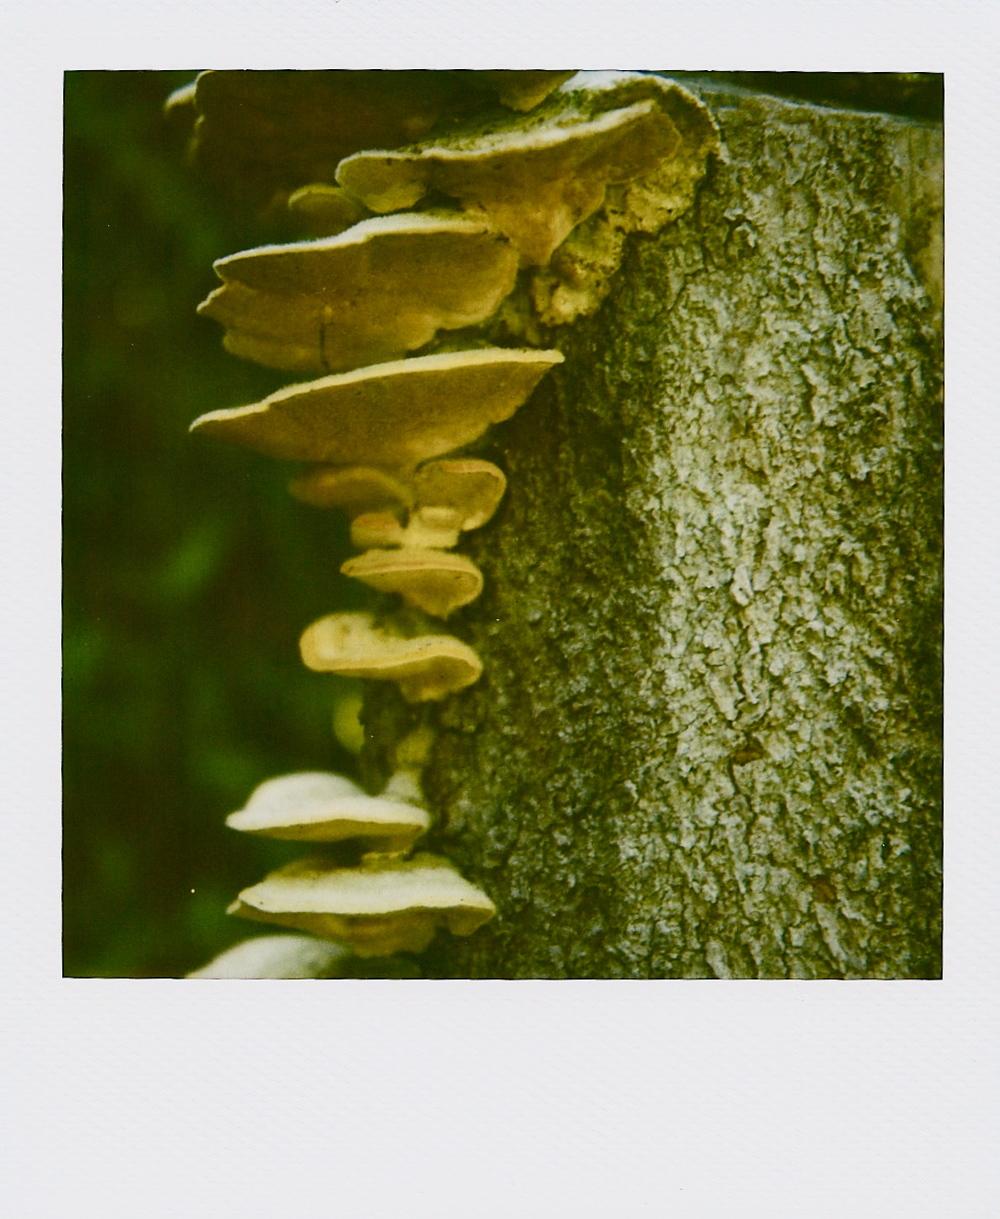 polaroid mushroom_2.jpeg